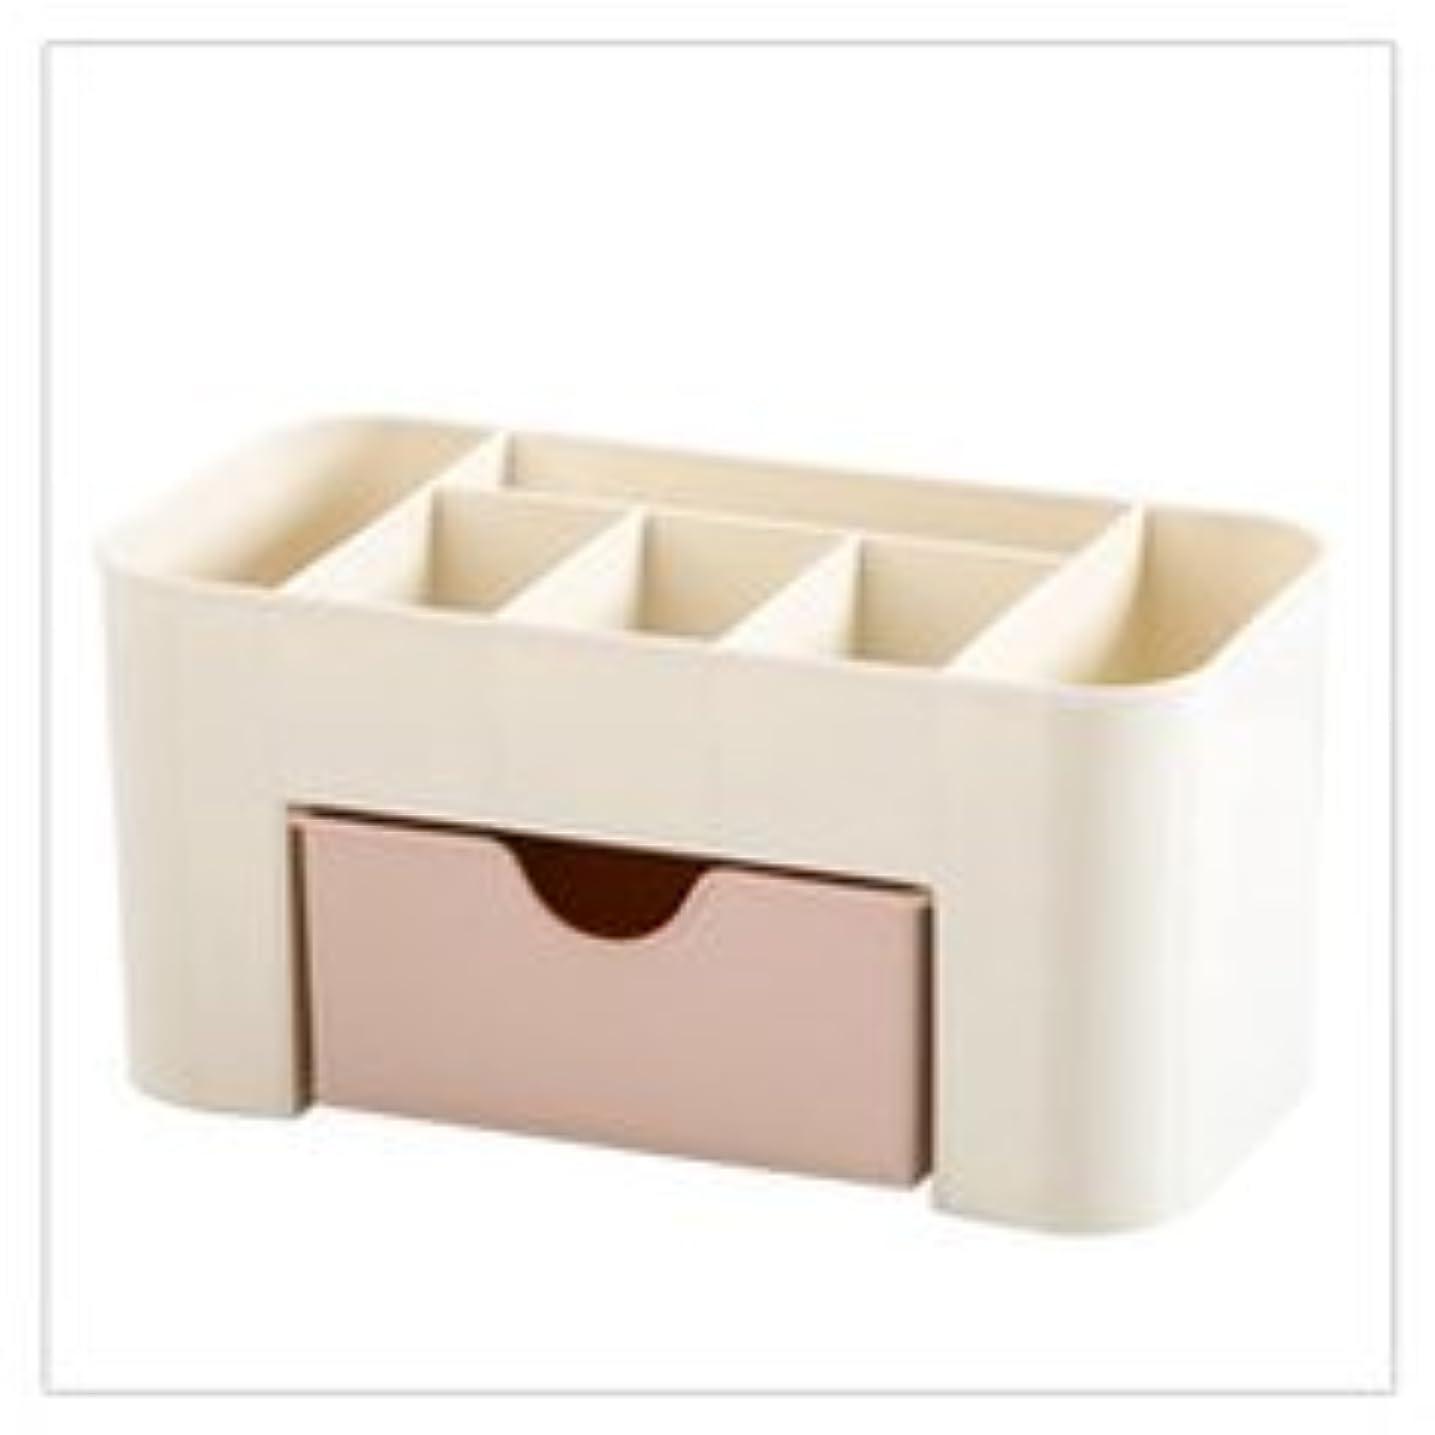 裏切り者堀札入れ化粧品収納ボックス化粧品引き出し仕上げボックスデスクトップジュエリースキンケアパックフレームドレッサー (Color : ピンク)